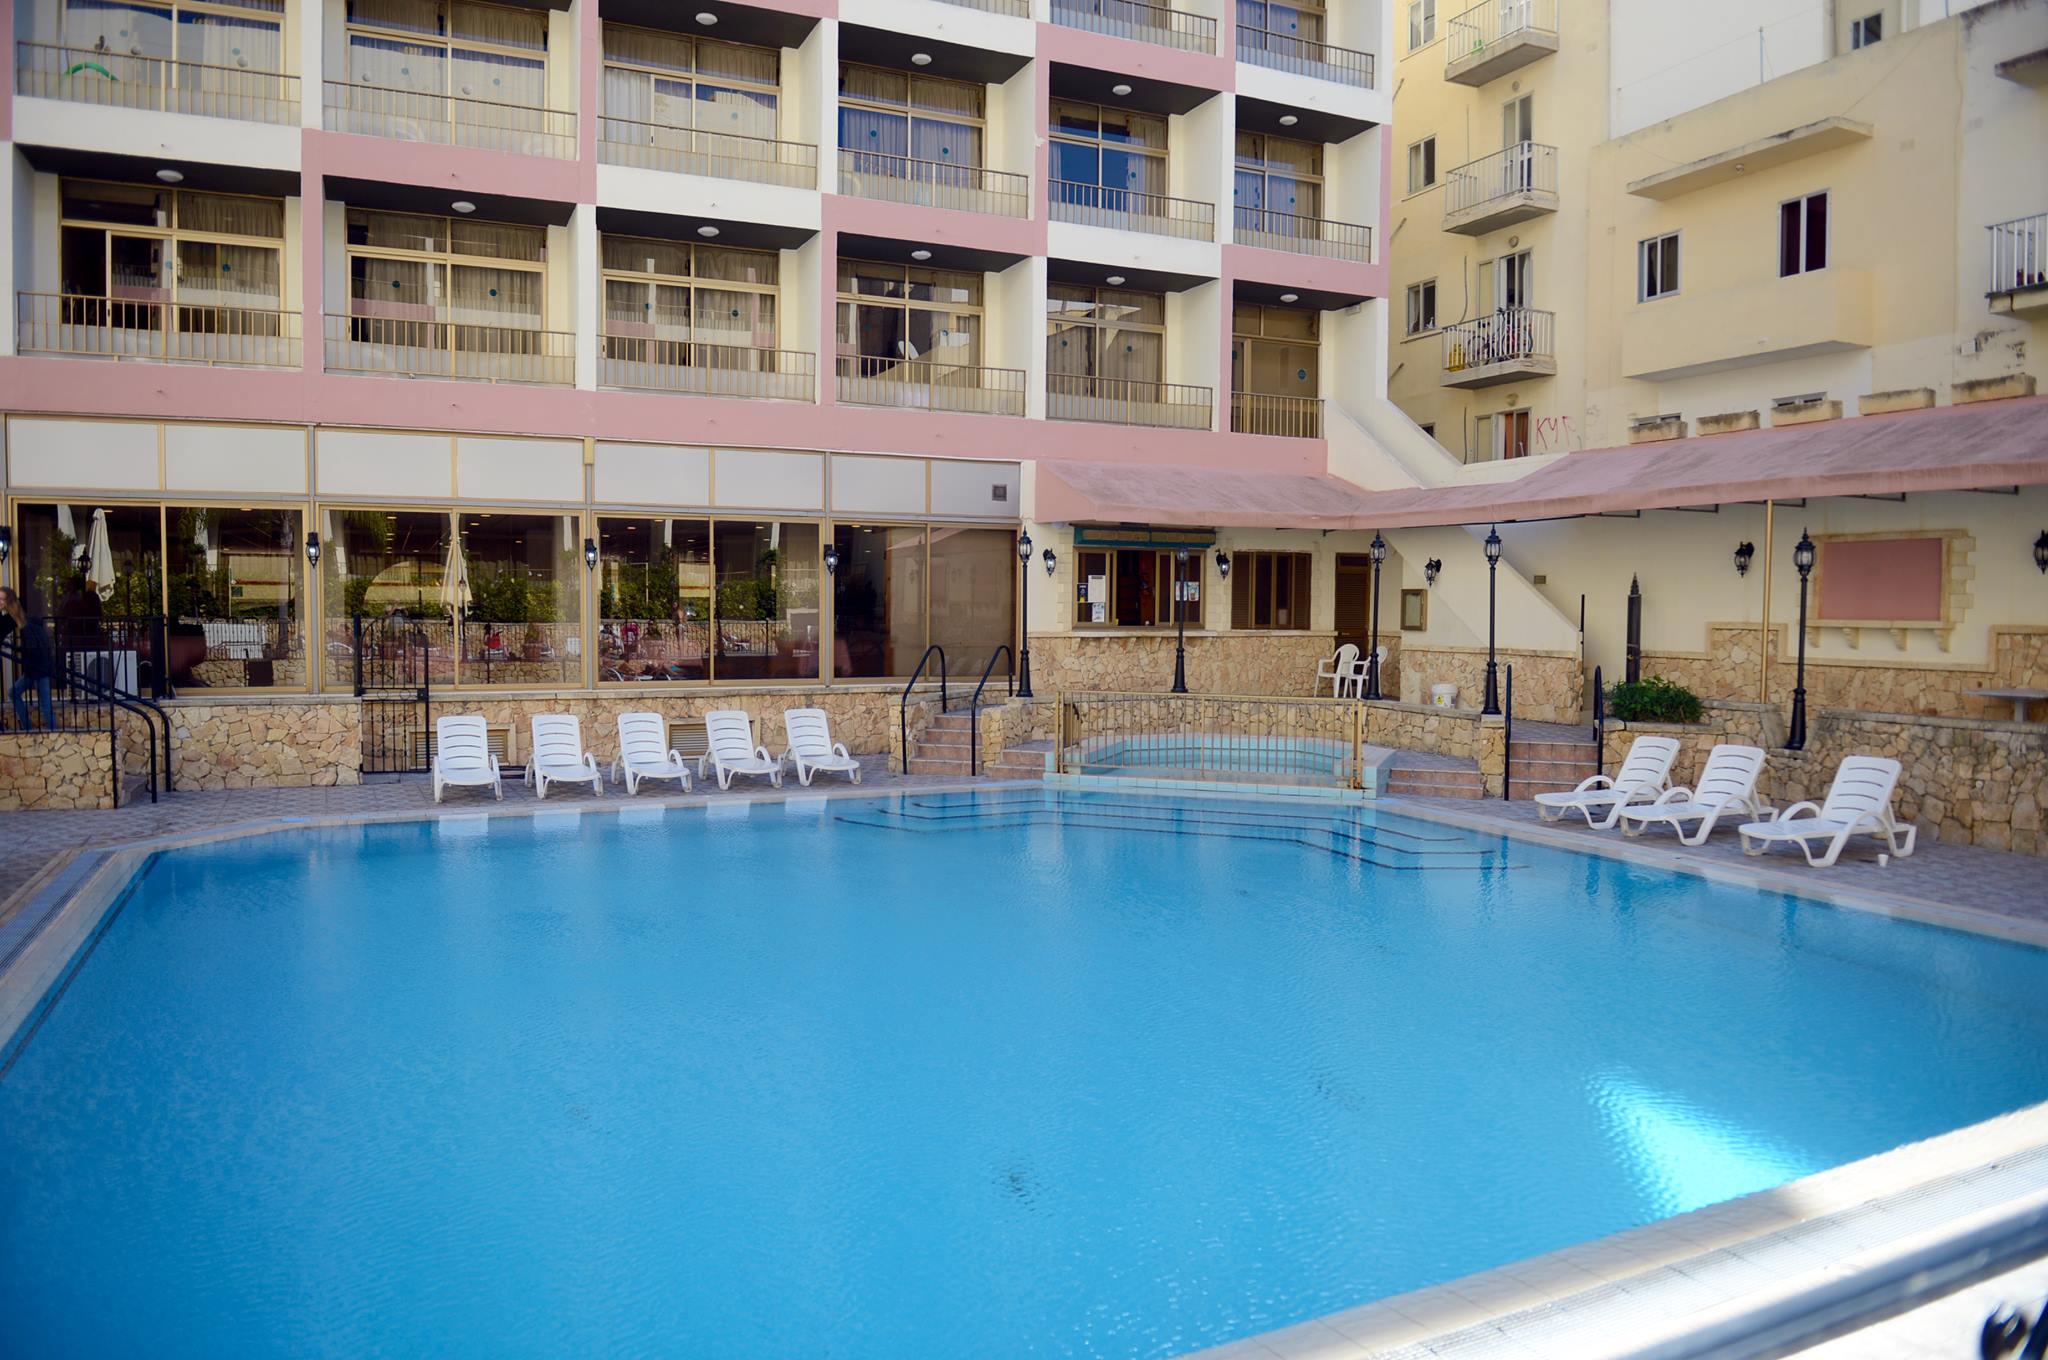 Бассейн в резиденции BELS, Мальта